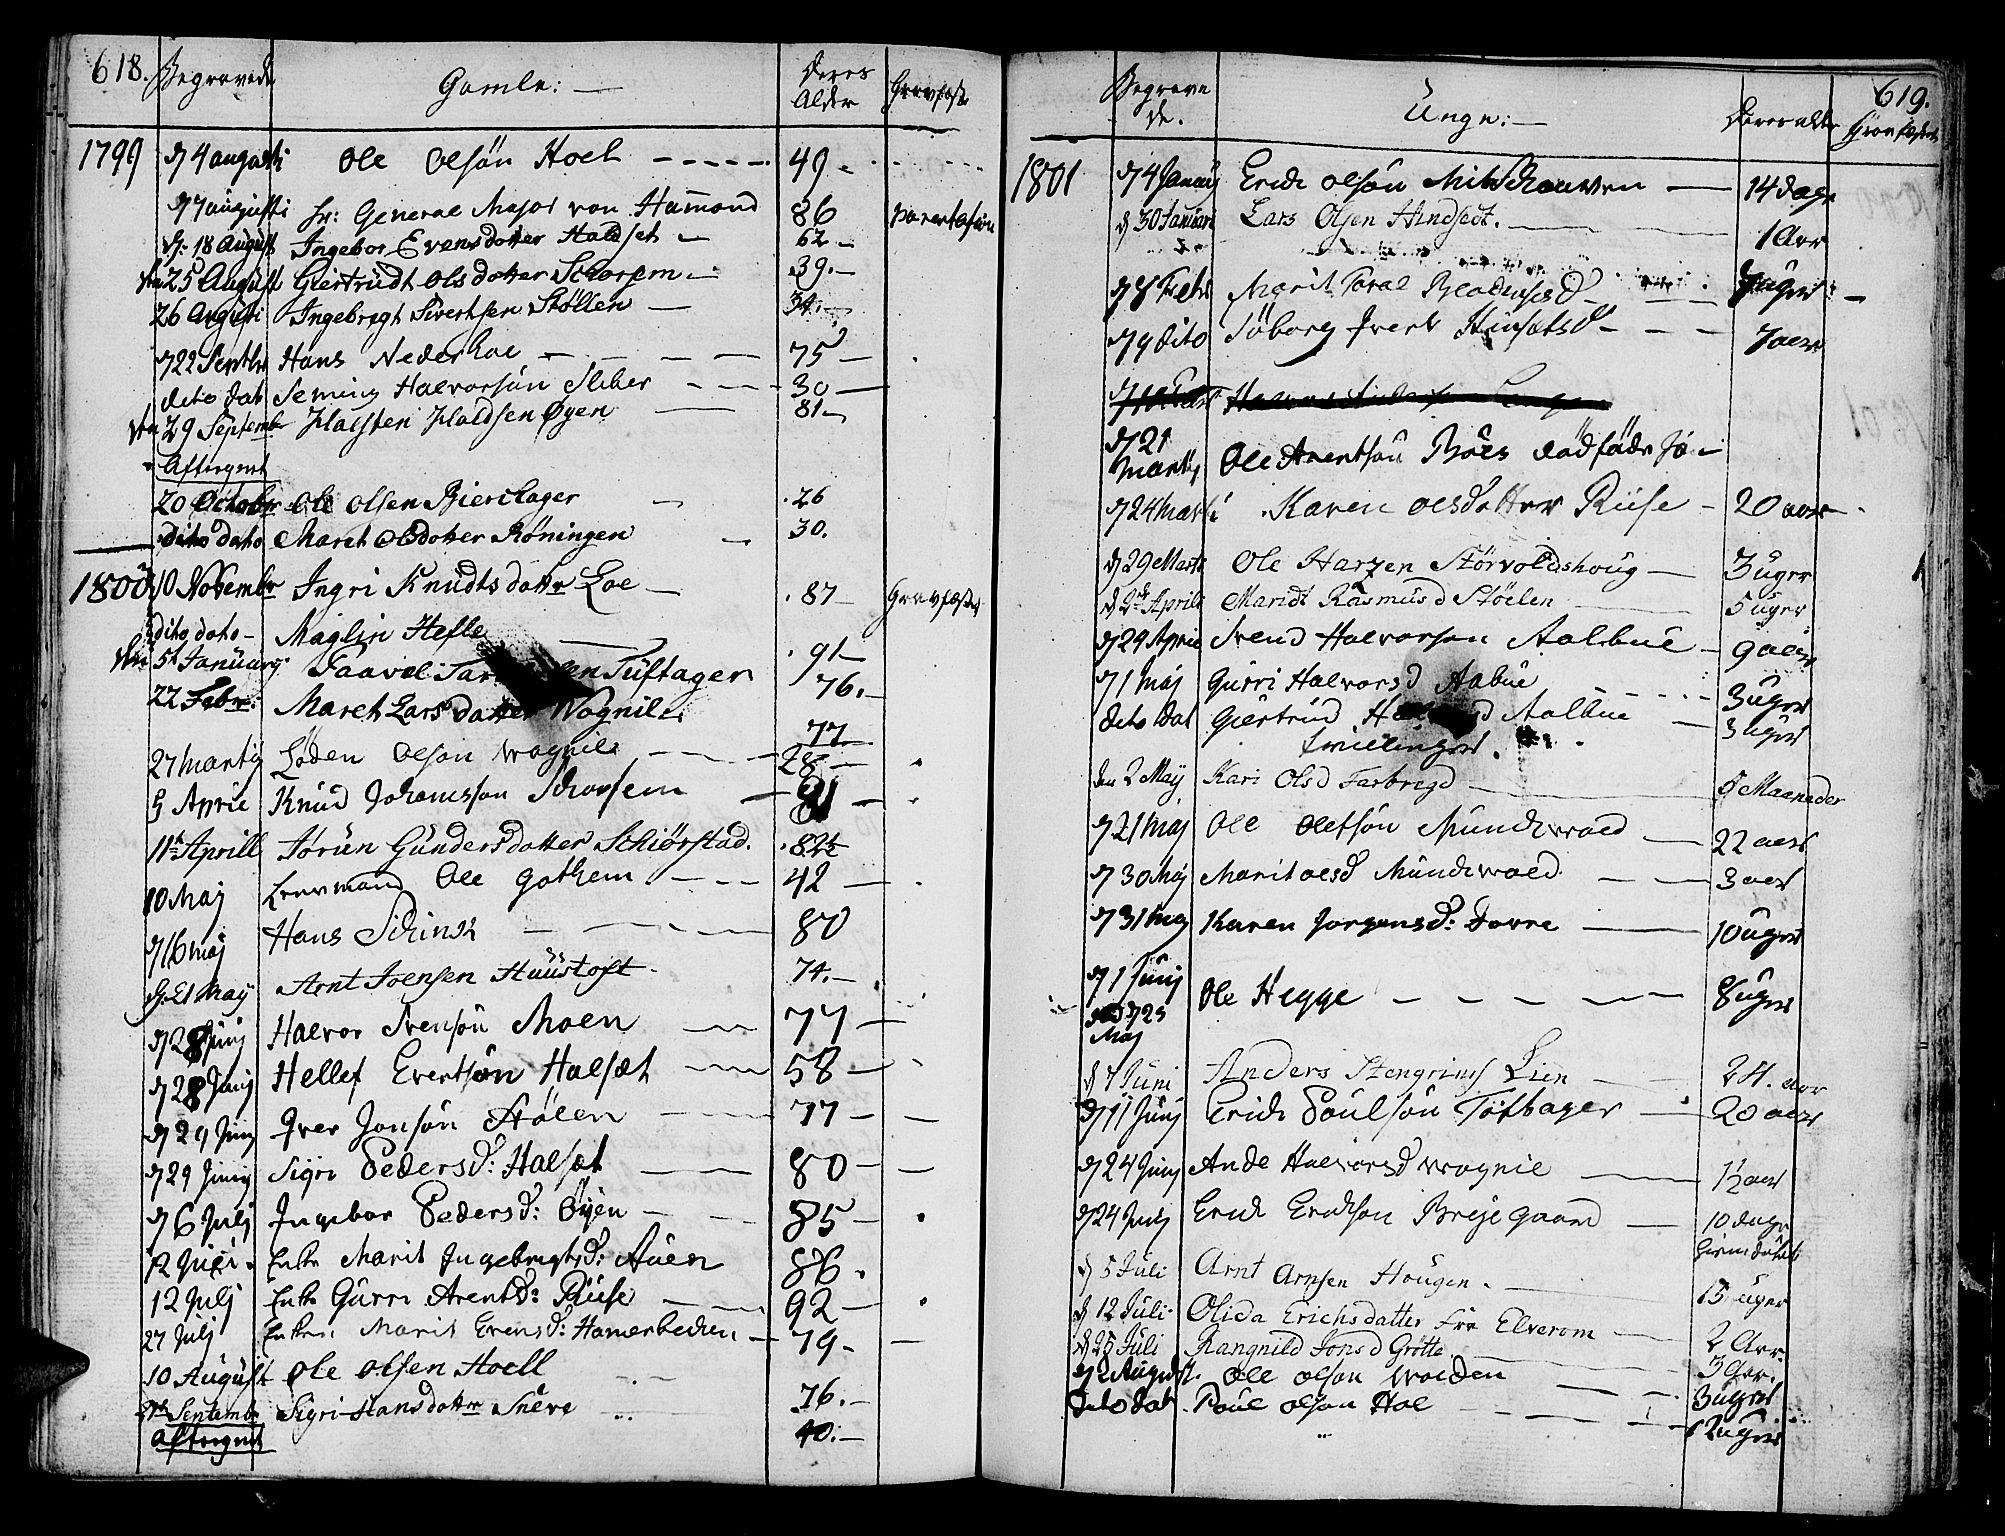 SAT, Ministerialprotokoller, klokkerbøker og fødselsregistre - Sør-Trøndelag, 678/L0893: Ministerialbok nr. 678A03, 1792-1805, s. 618-619